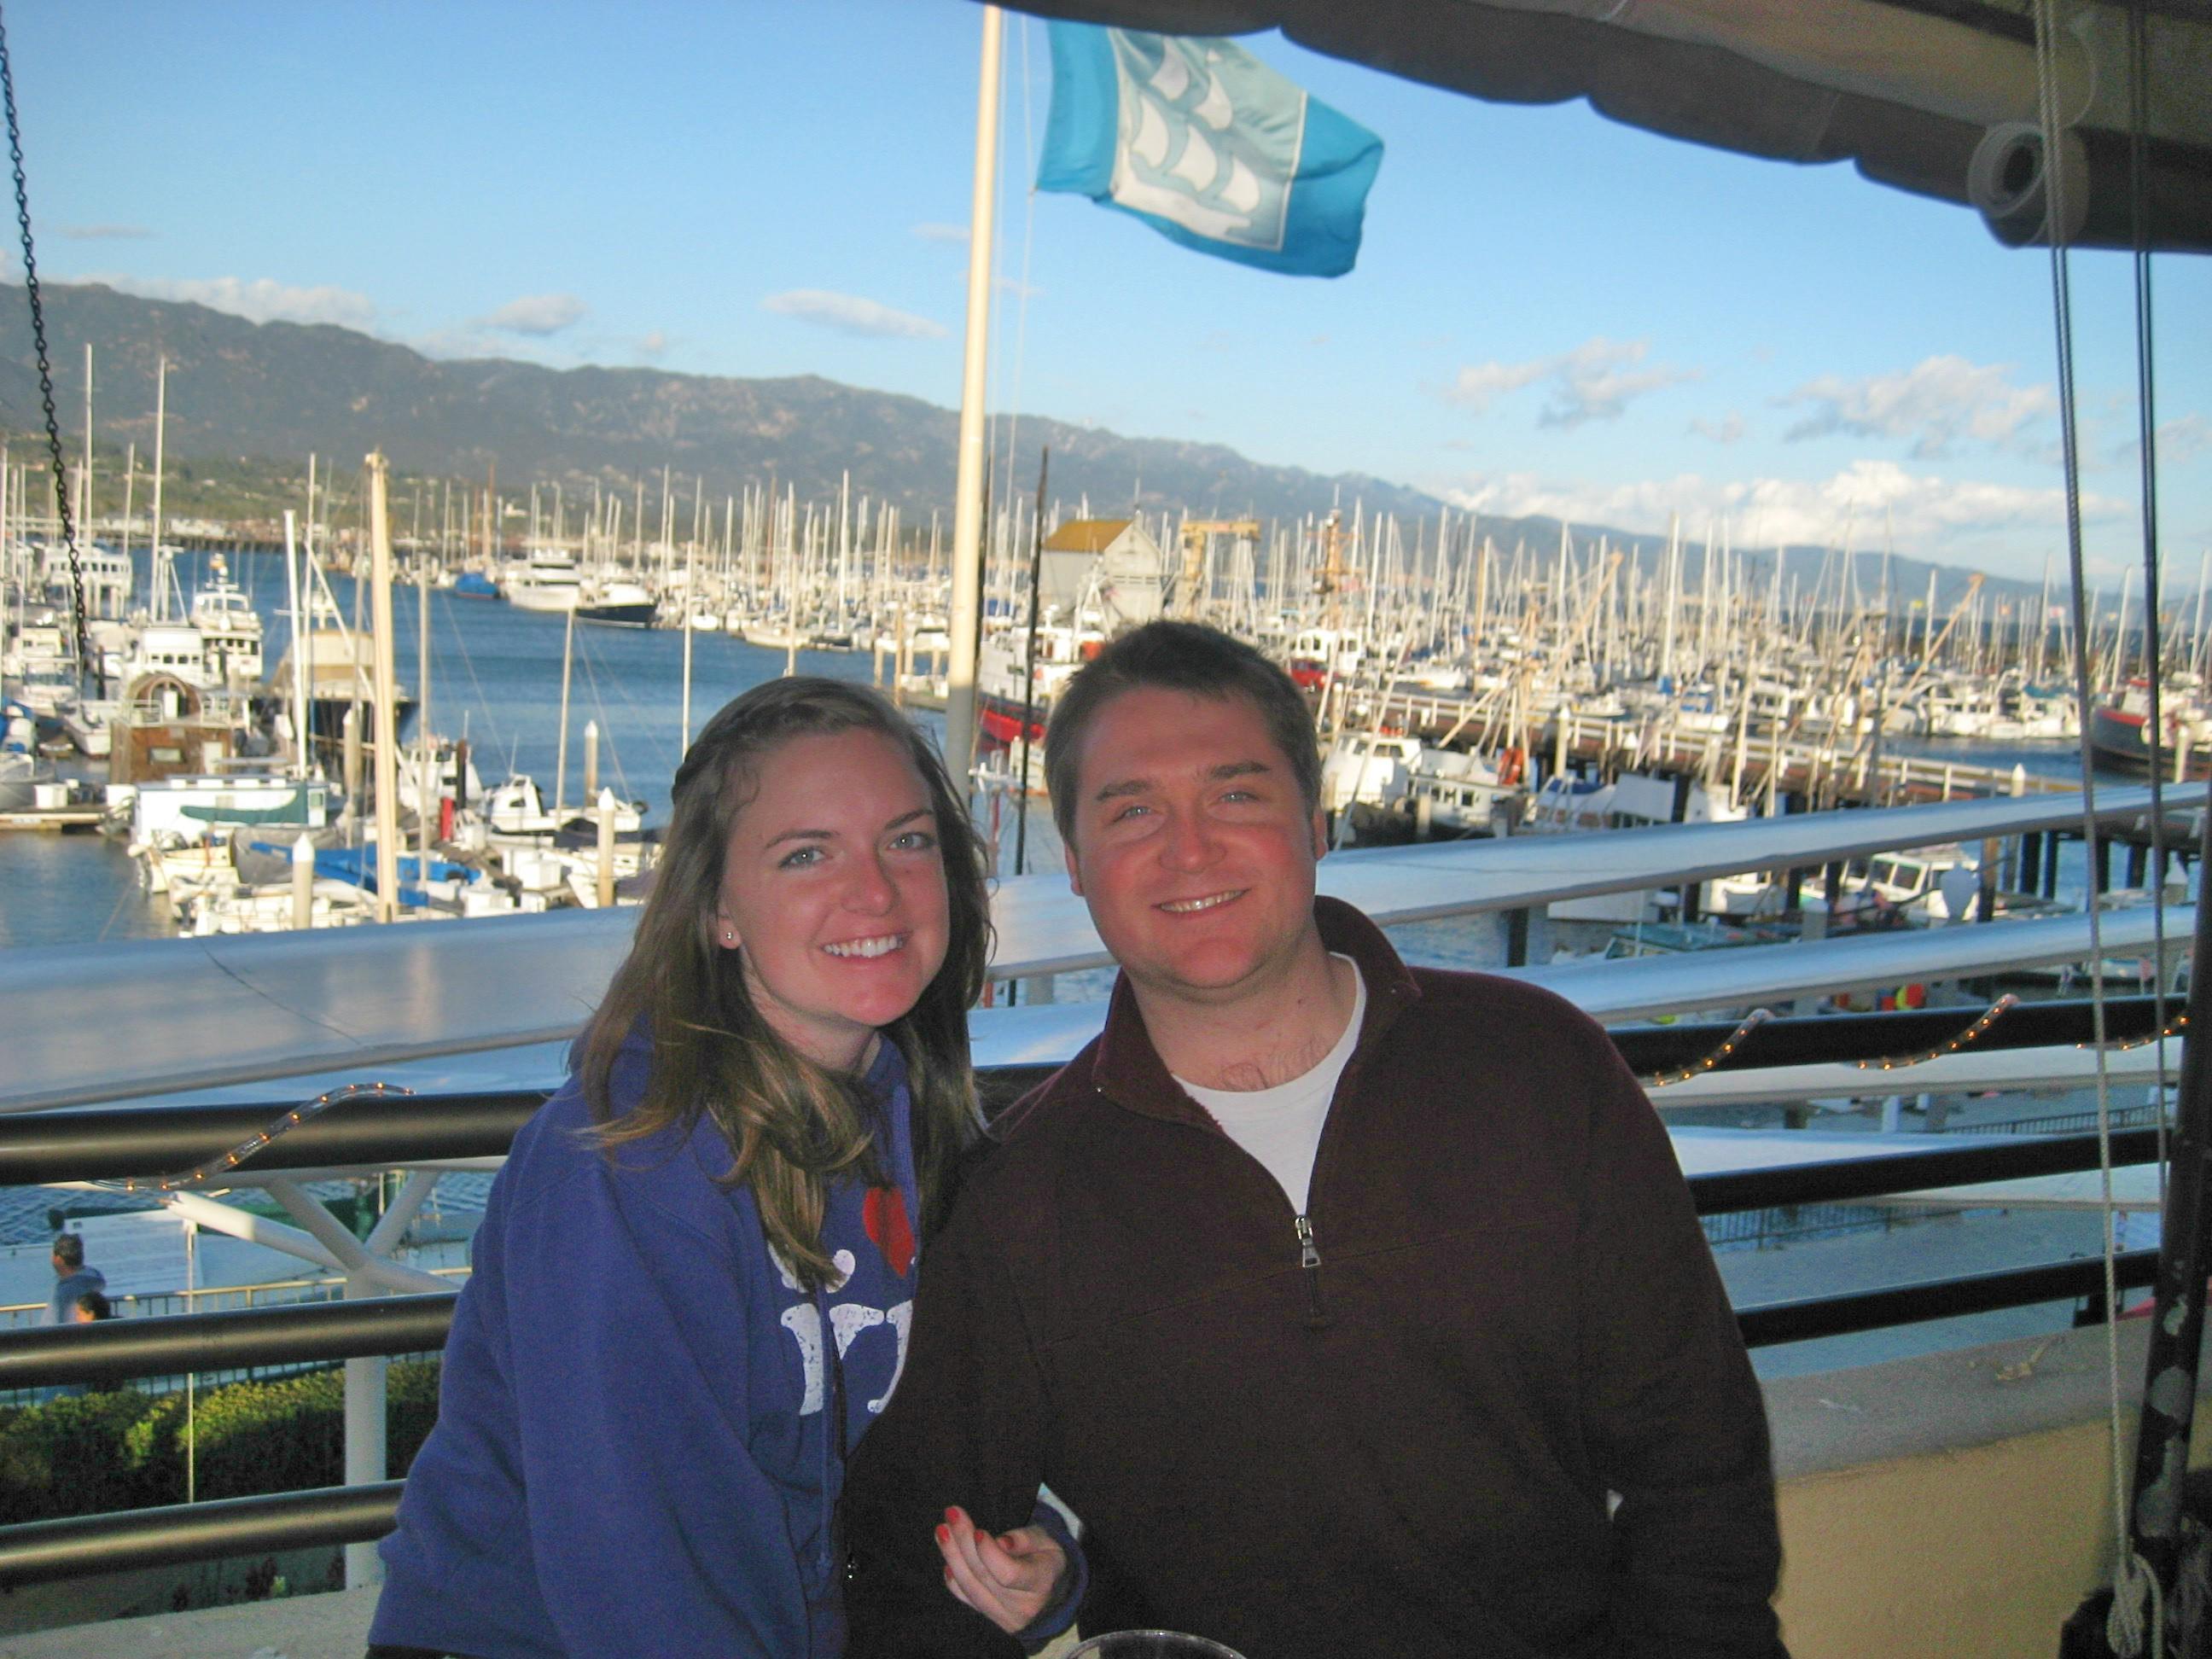 Kara and Tim at Santa Barbara Harbor